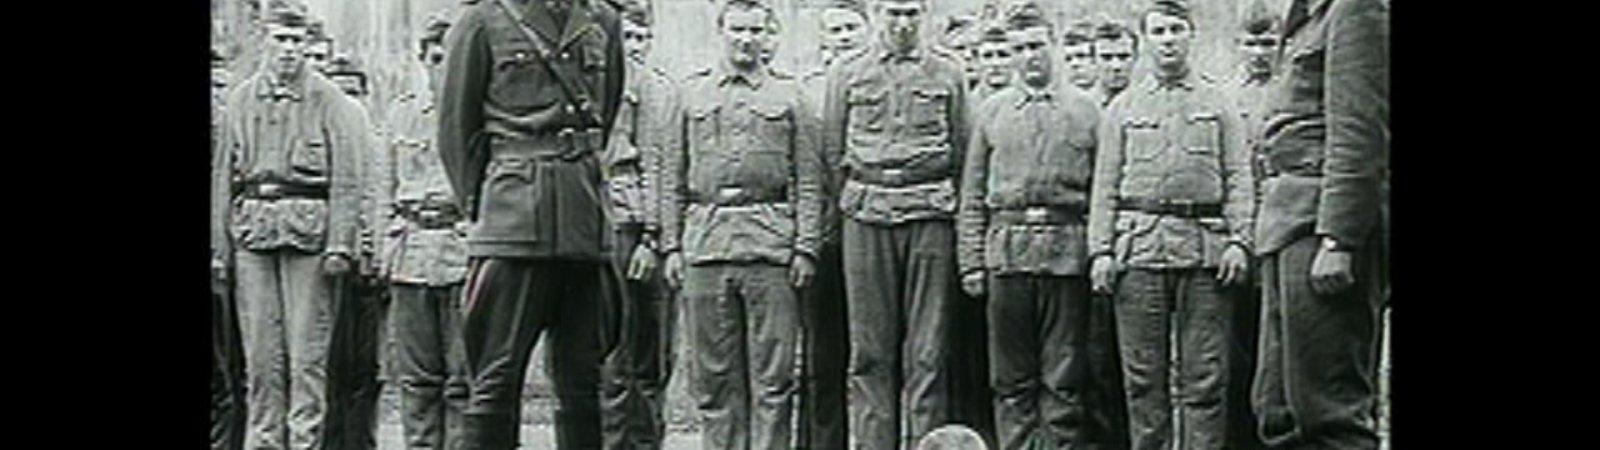 Photo dernier film Jana Ditetova